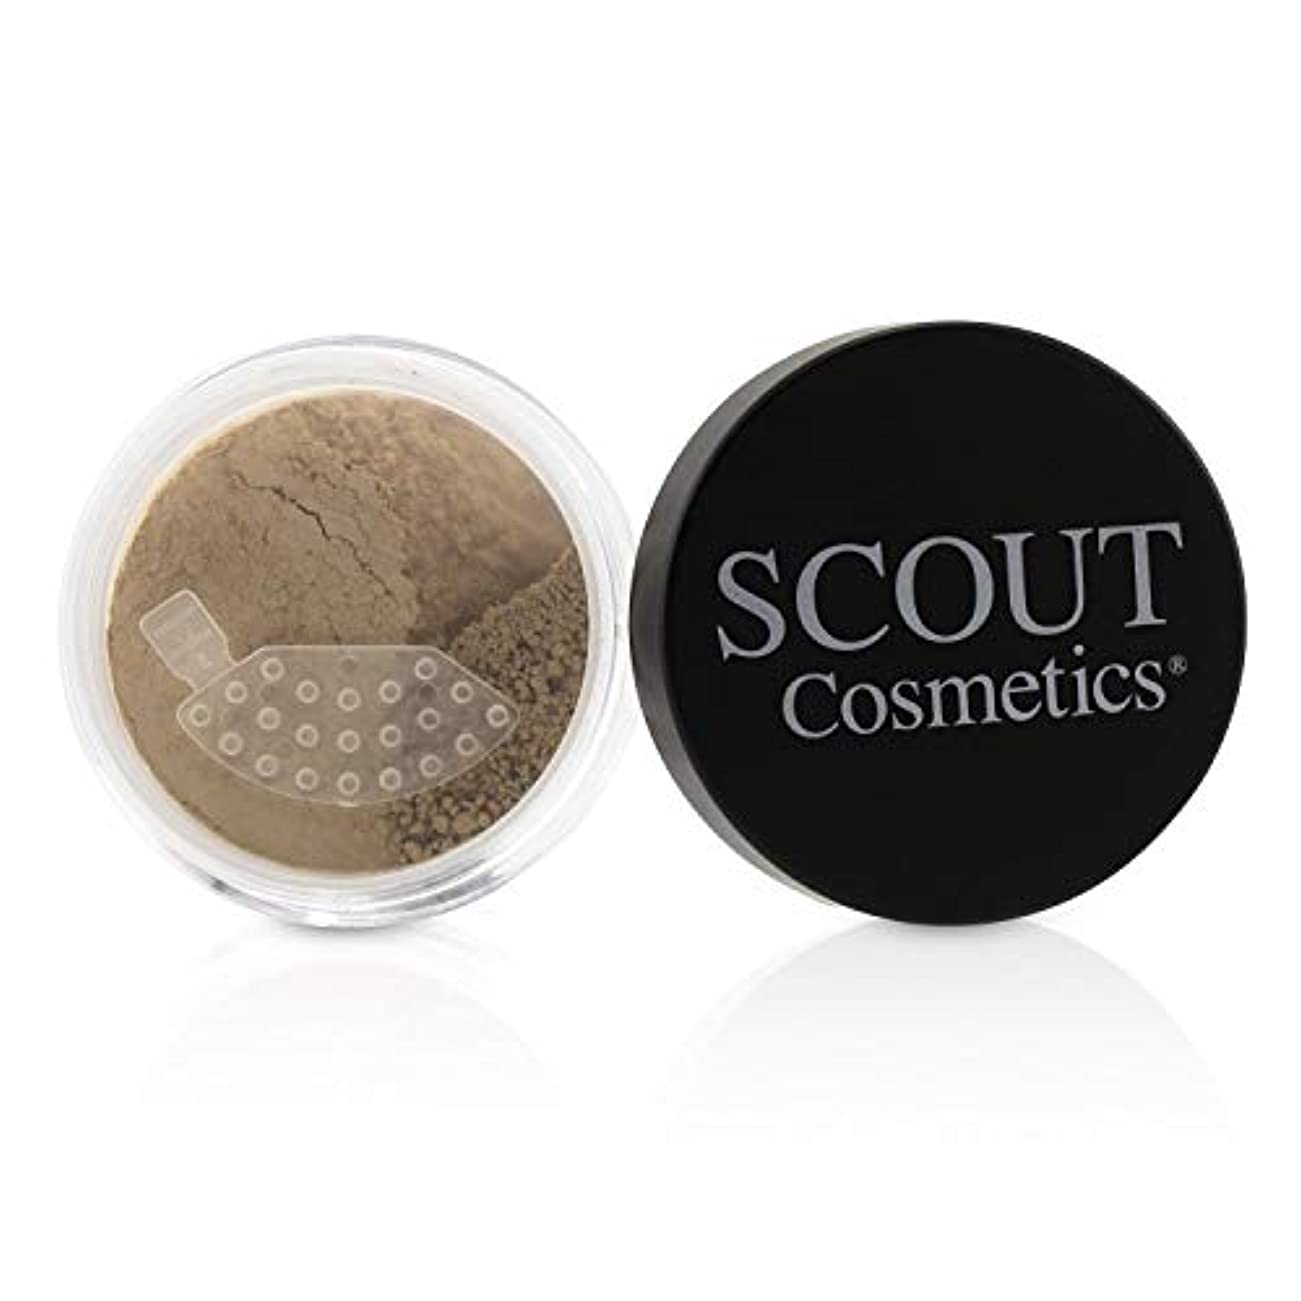 モーター週末資金SCOUT Cosmetics Mineral Powder Foundation SPF 20 - # Camel 8g/0.28oz並行輸入品